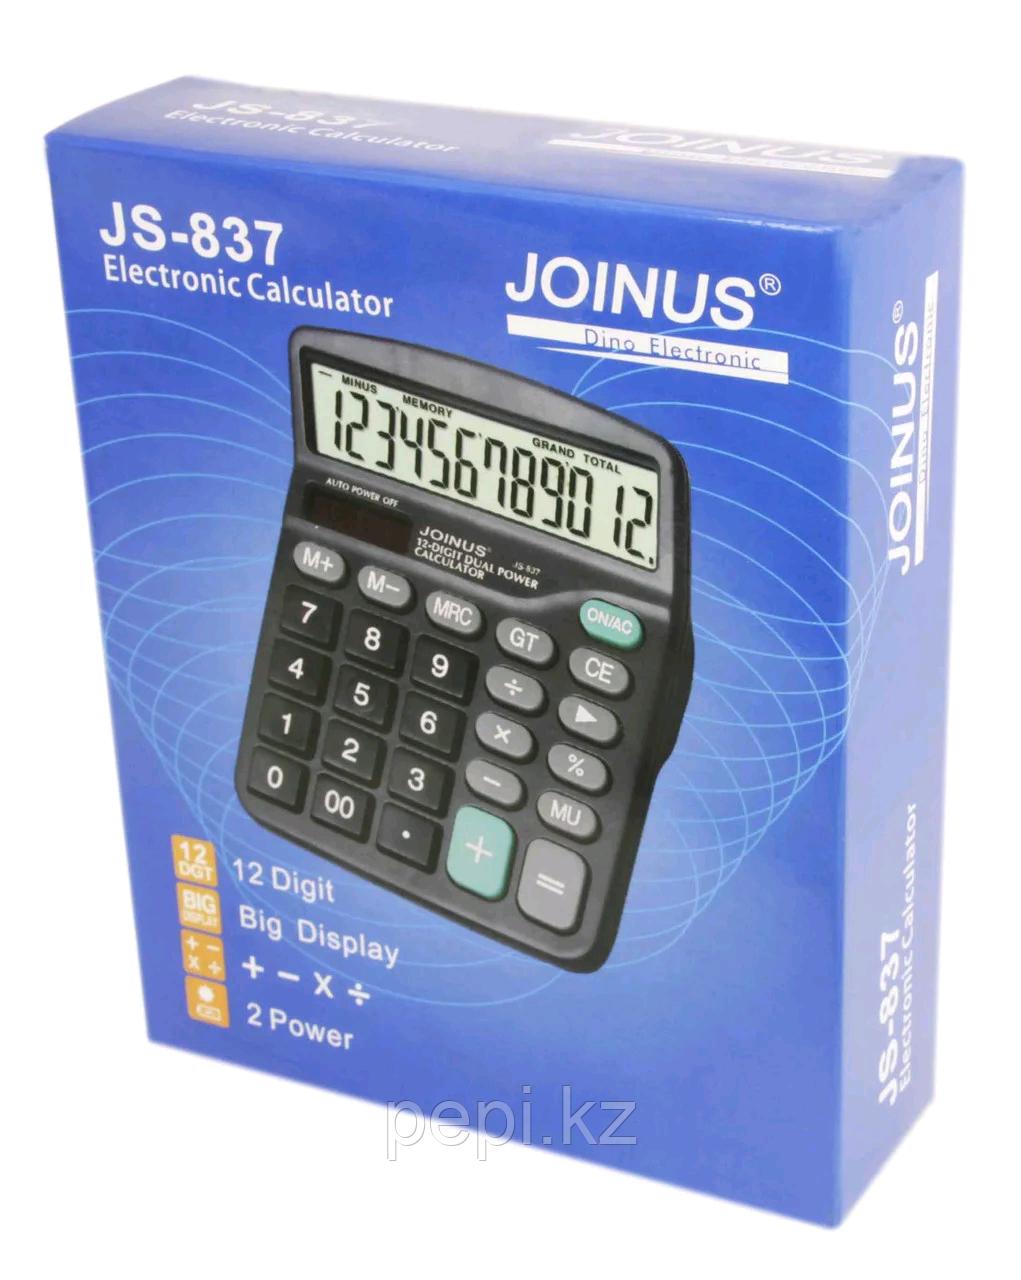 Калькулятор Joinus JS-837 (12-ти разрядный) упак 12*15*4см